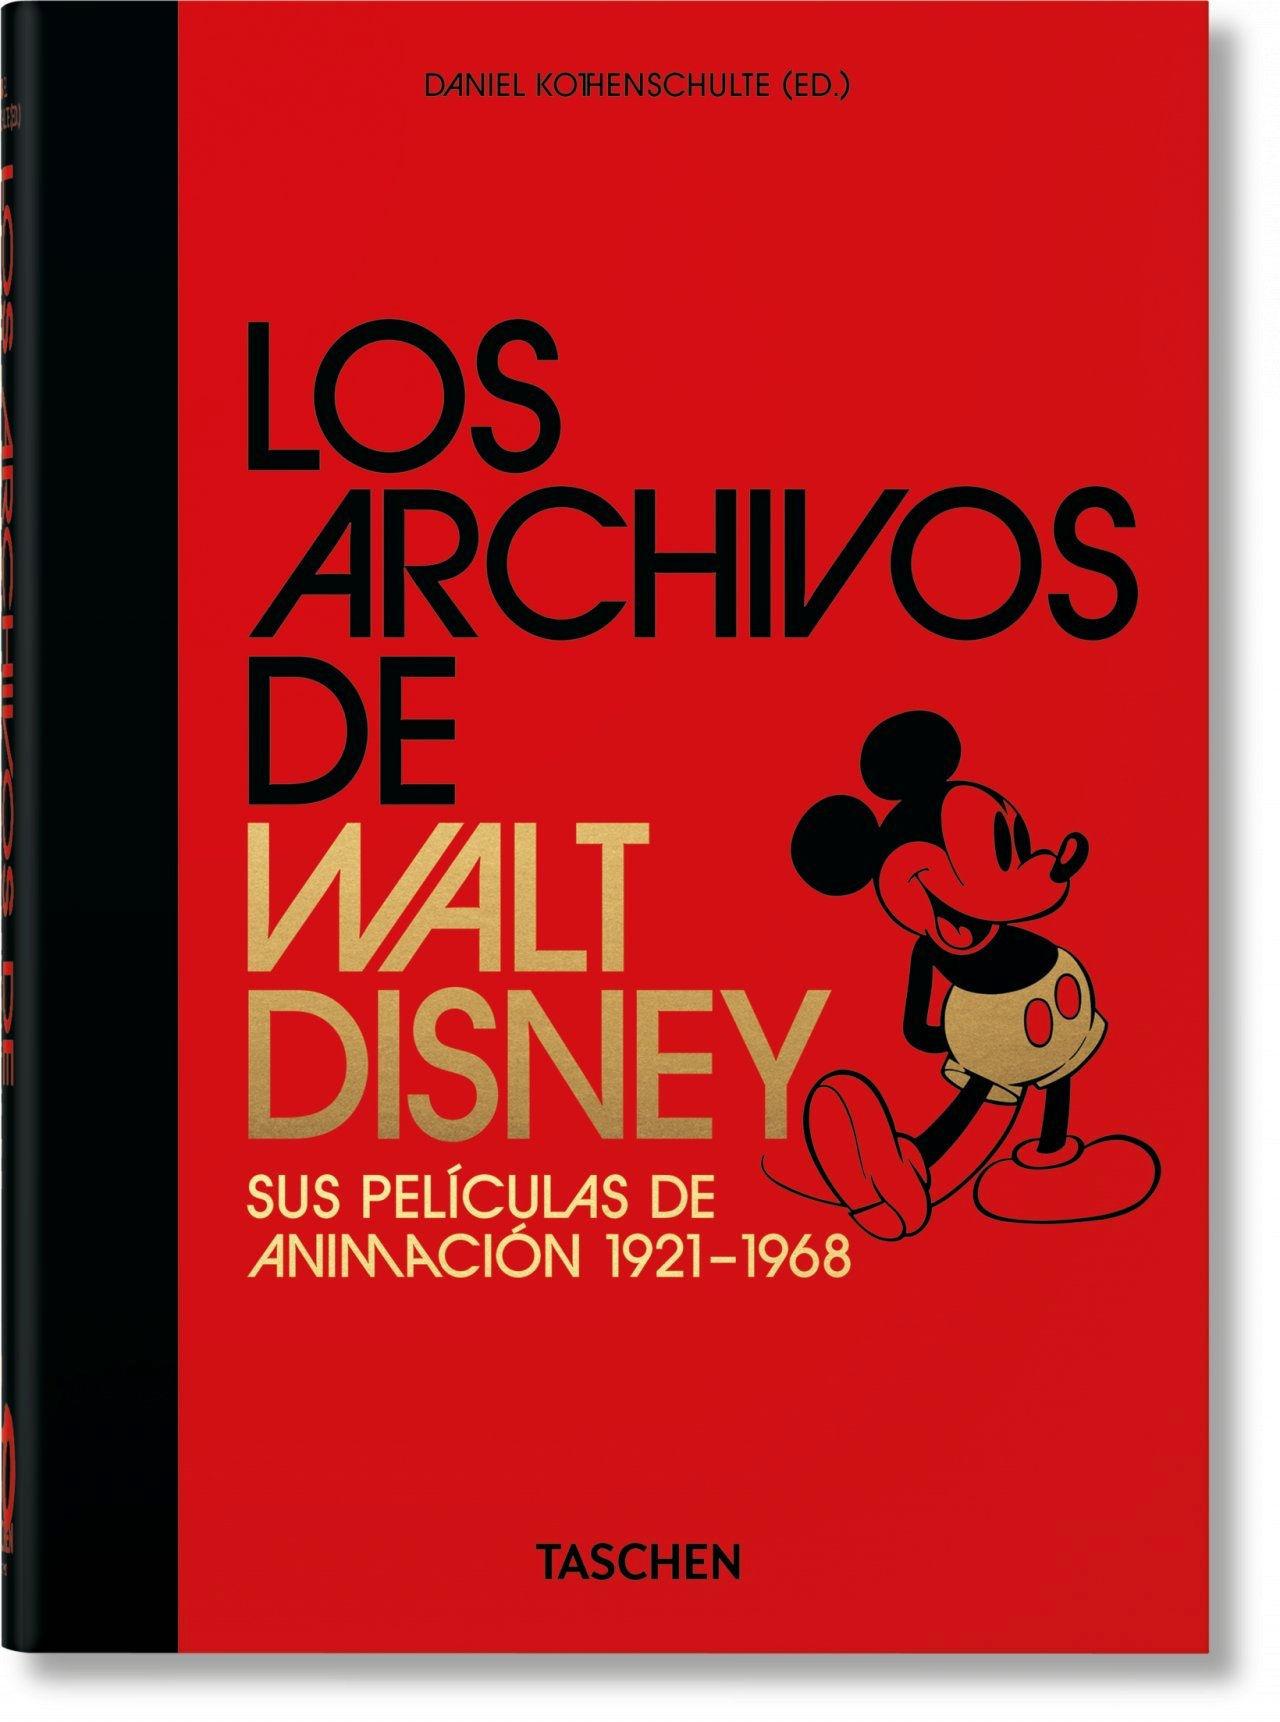 ARCHIVOS DE WALT DISNEY: SUS PELÍCULAS DE ANIMACION